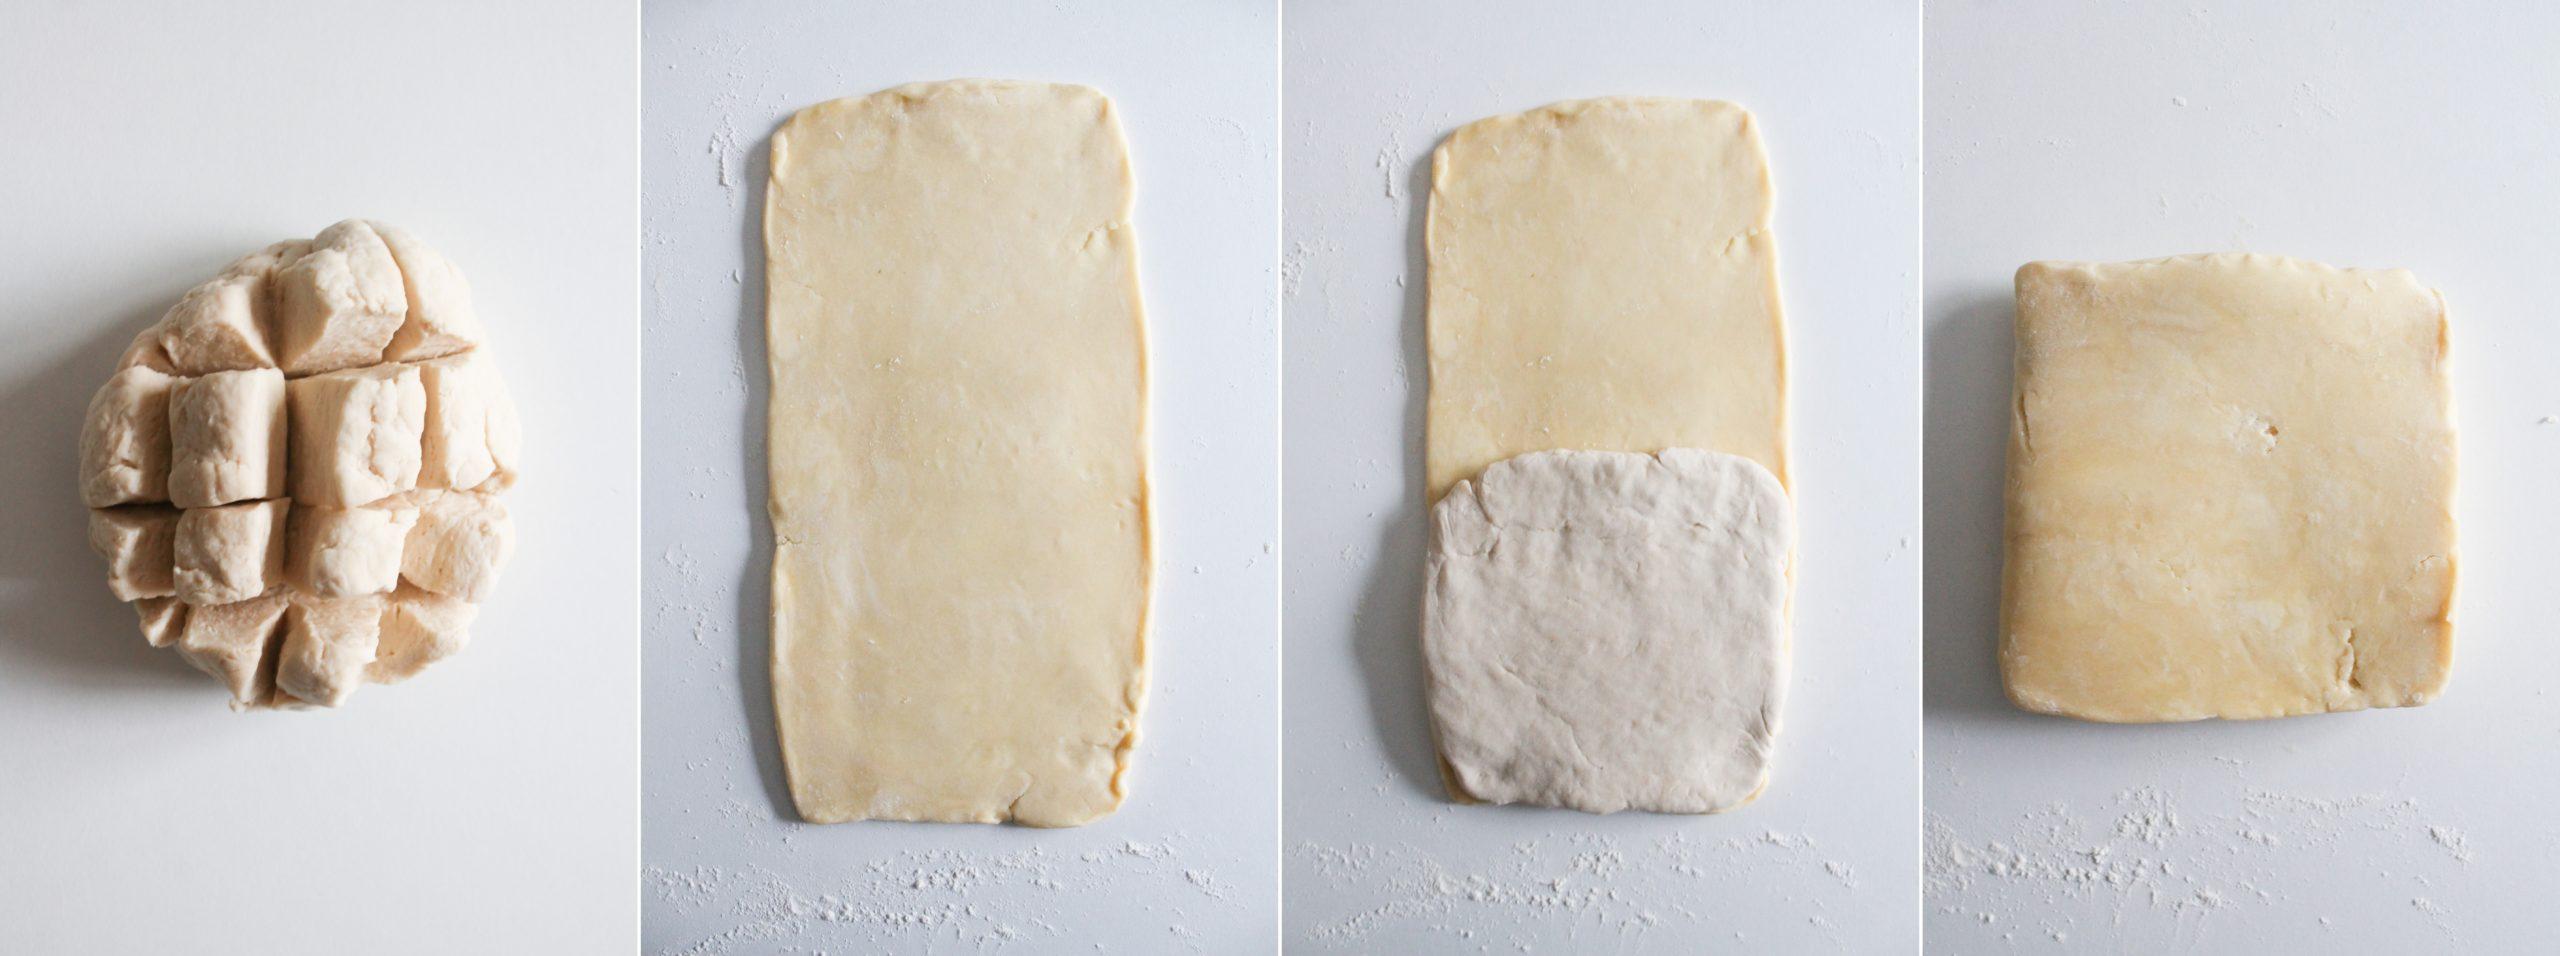 etape 1 pâte feuilletée inversée